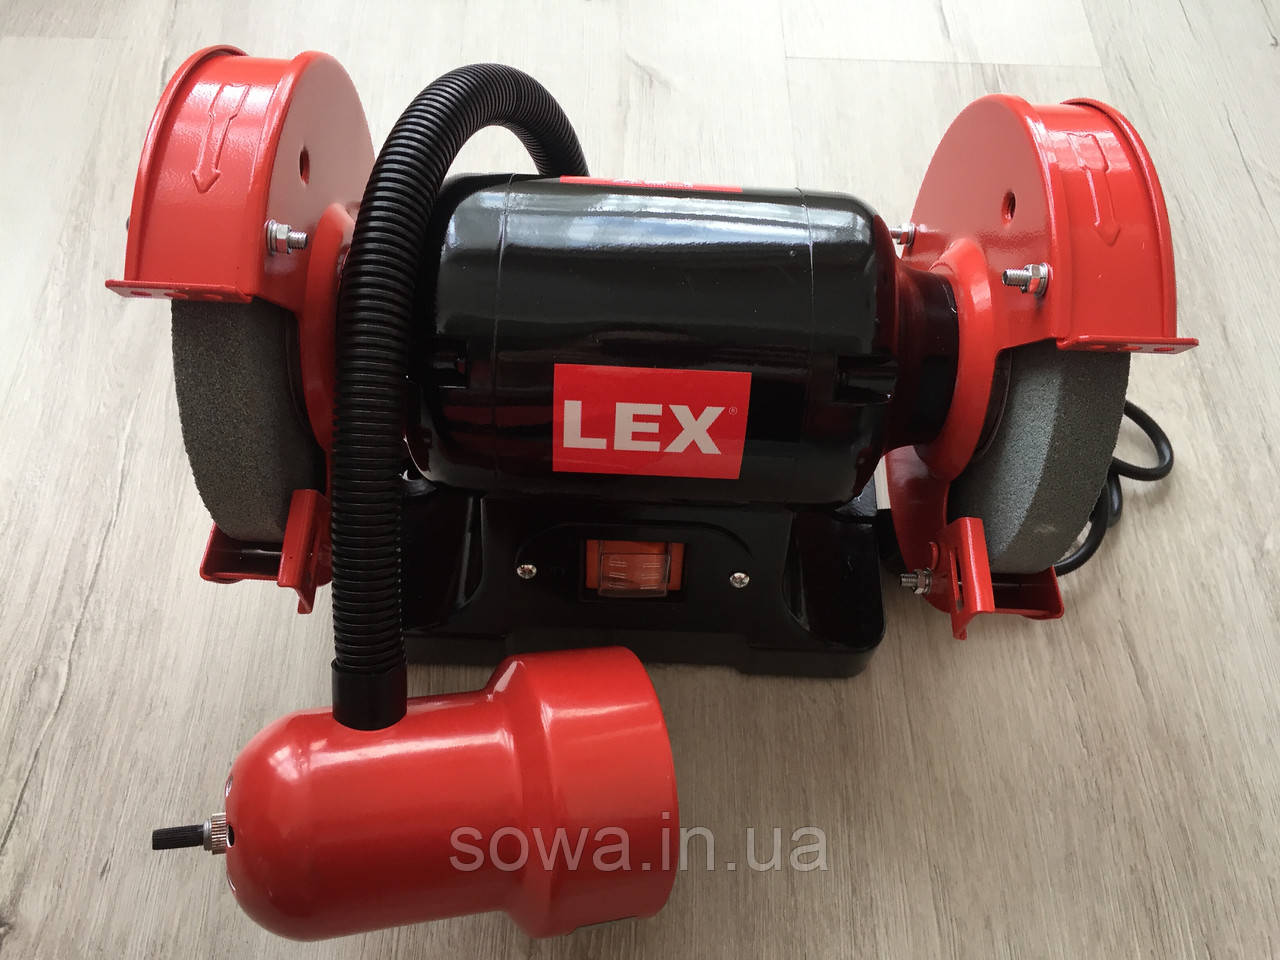 Точильный станок Lex LXBG14 | с подсветкой | 150мм, 1400Вт - фото 2